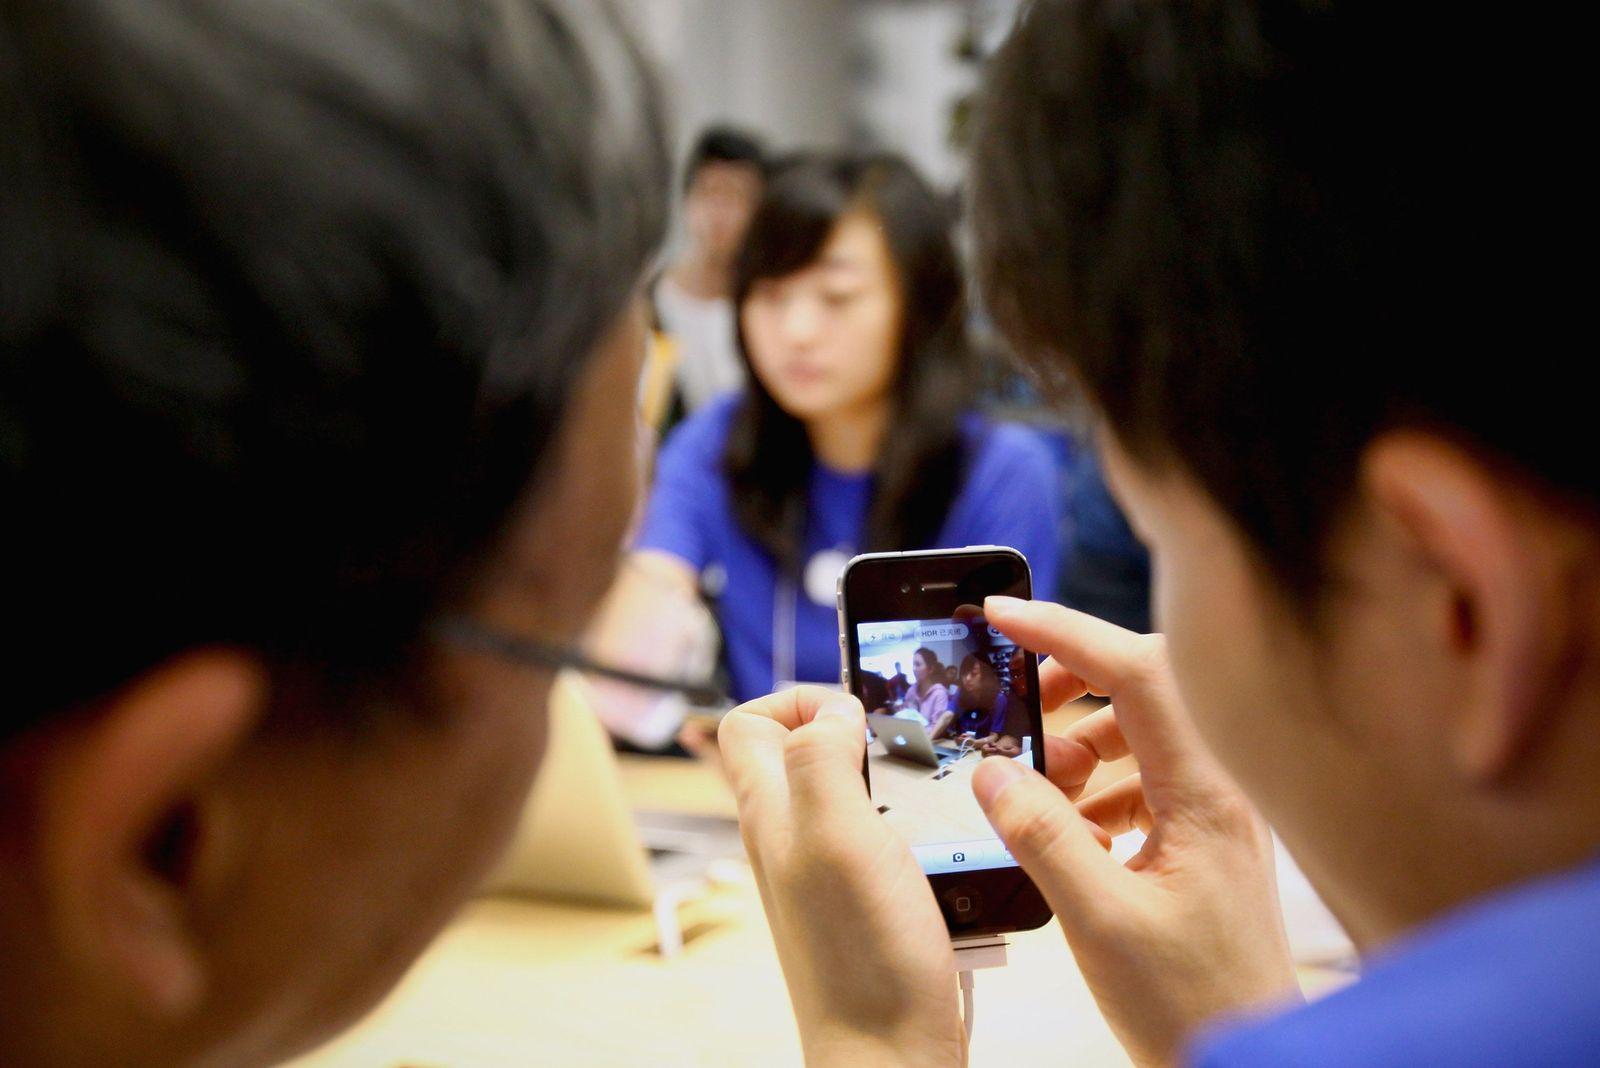 China / Smartphone / iPhone